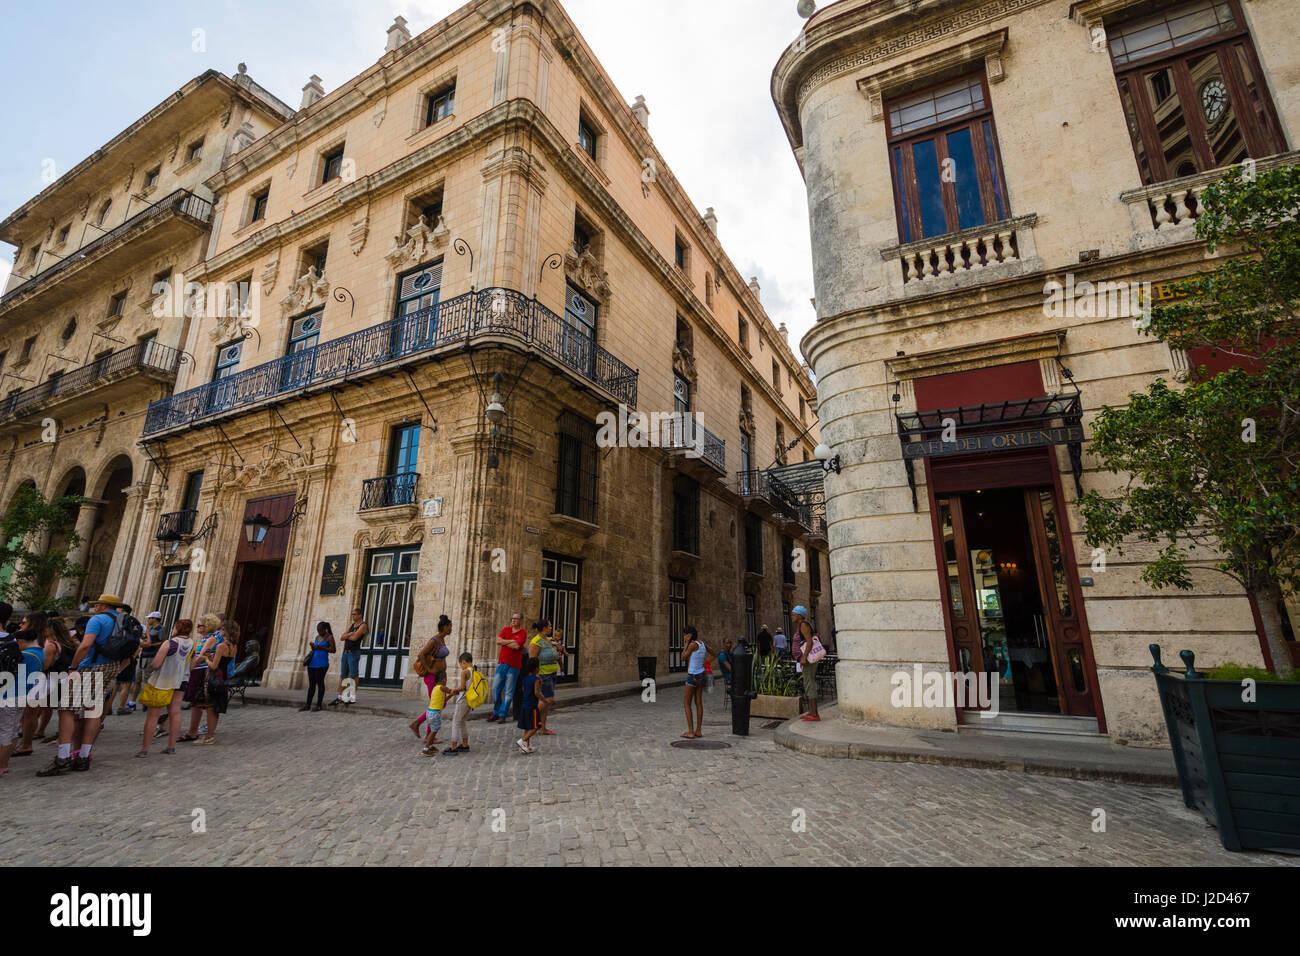 Kuba. Havanna. Alt-Havanna. Touristen und einheimische mischen auf dem Kopfsteinpflaster. Stockbild